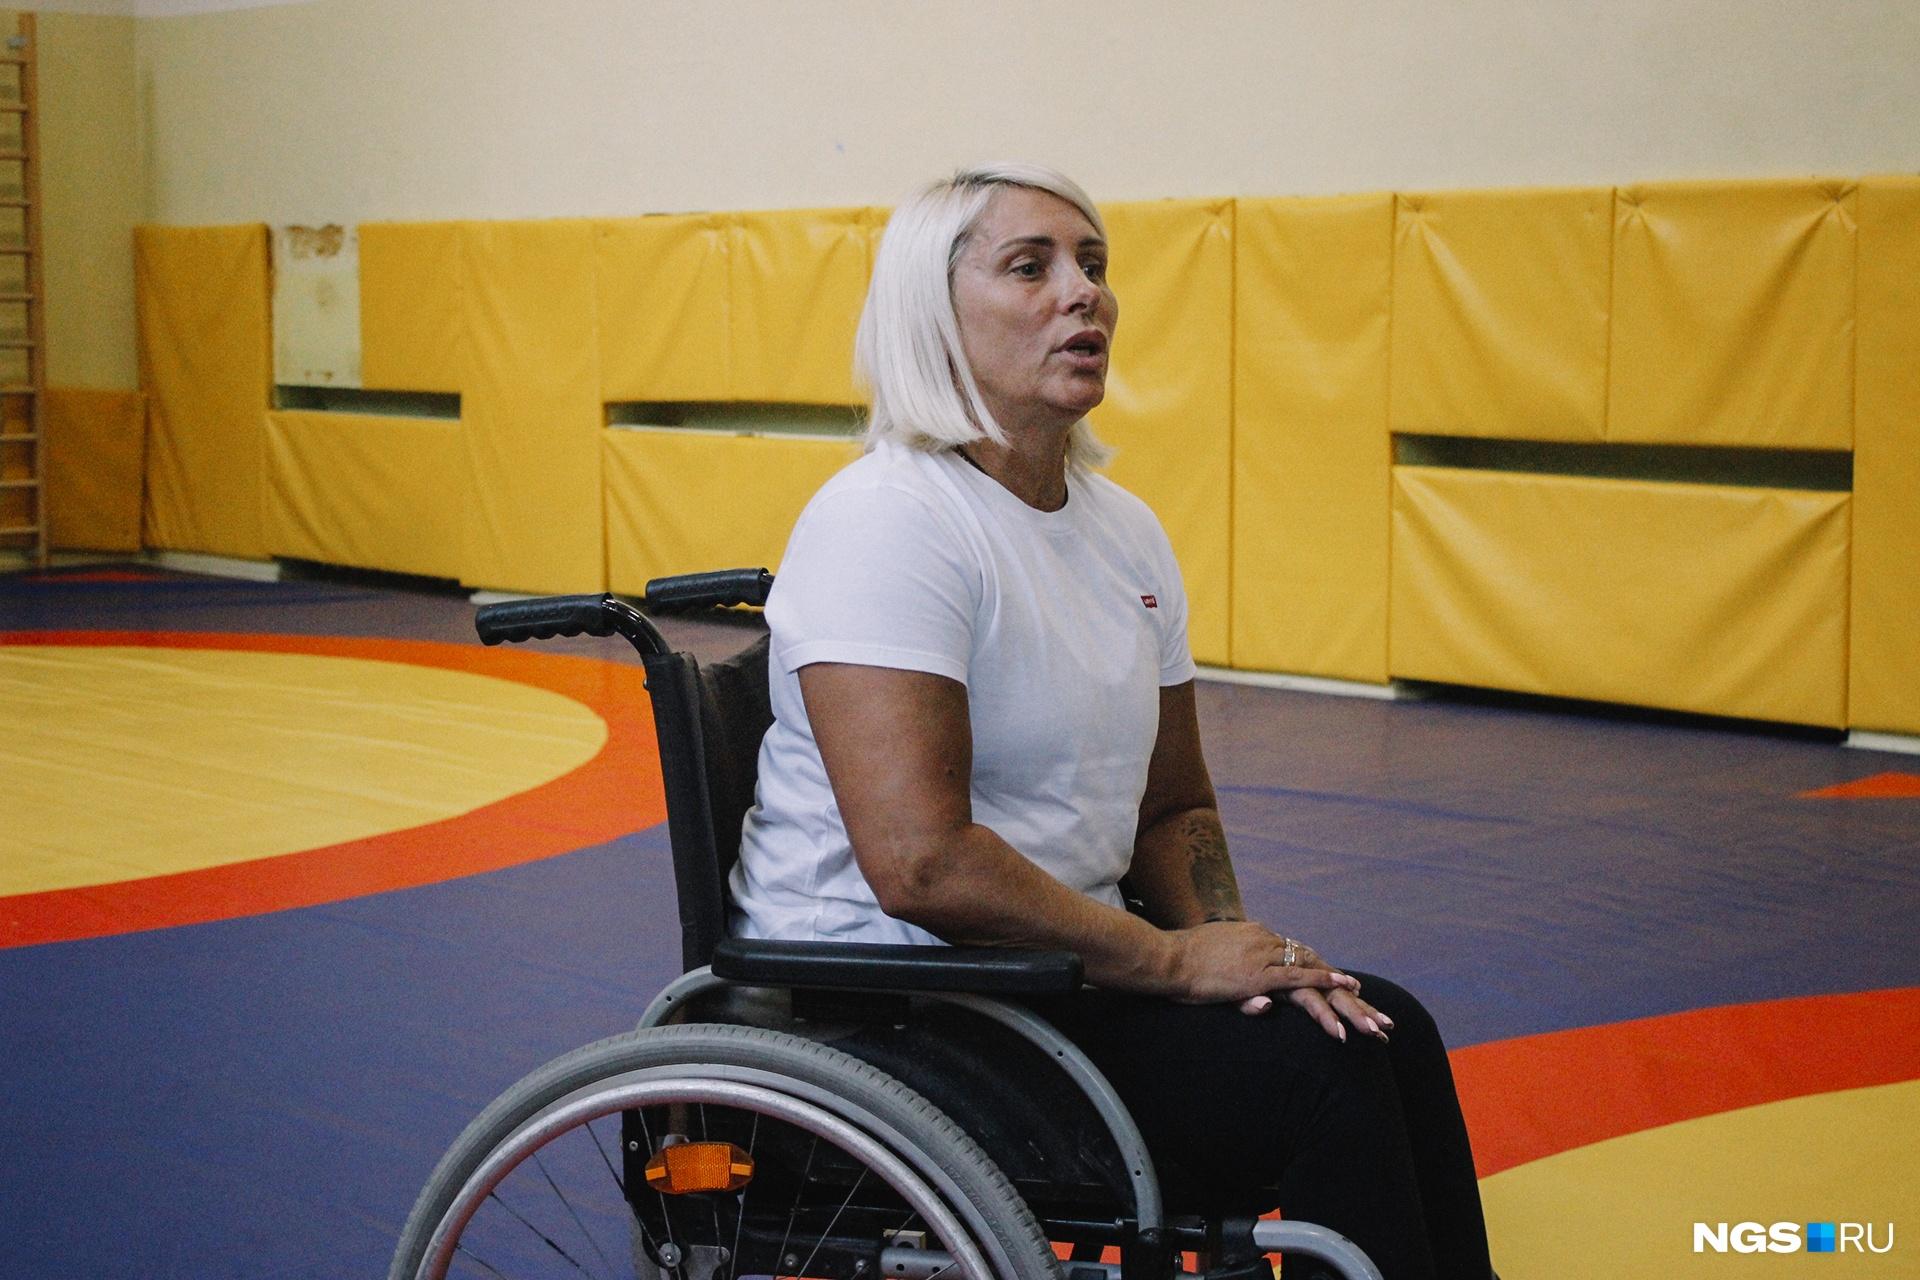 Анжелика сейчас работает тренером по спортивной гимнастике